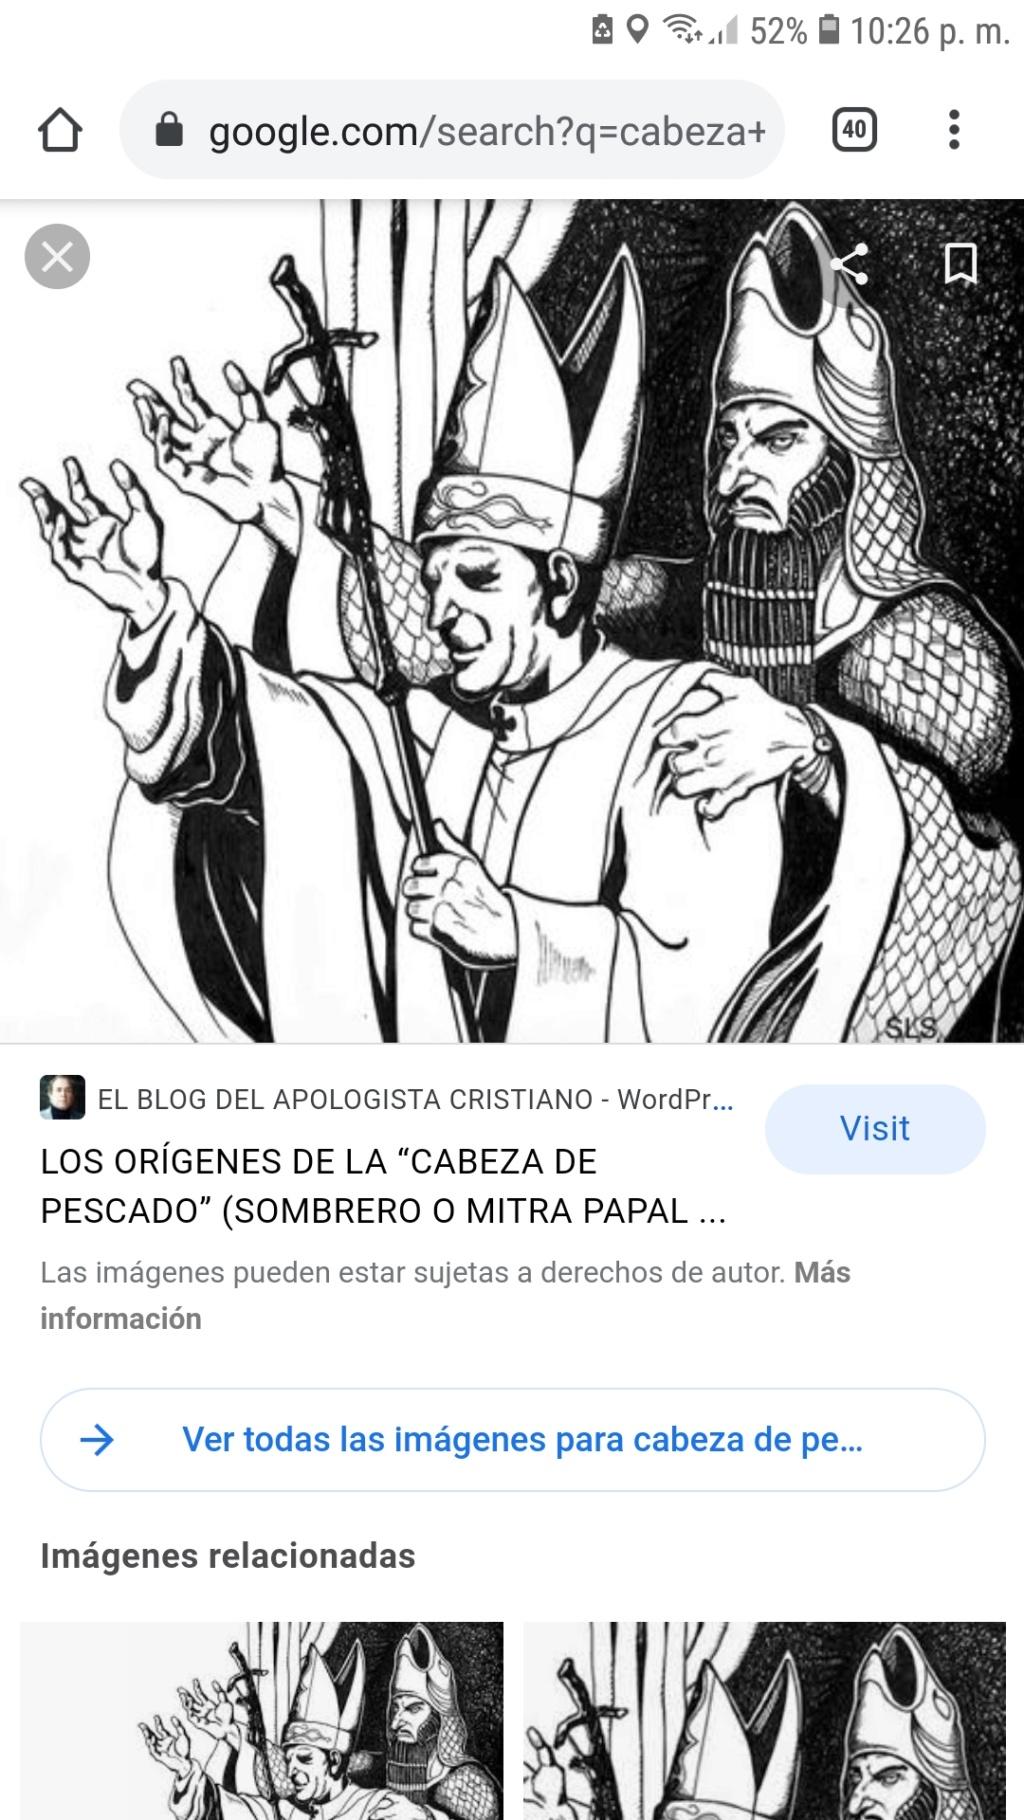 El Dios de Roberto 0, es Terrestre. - Página 3 Screen12